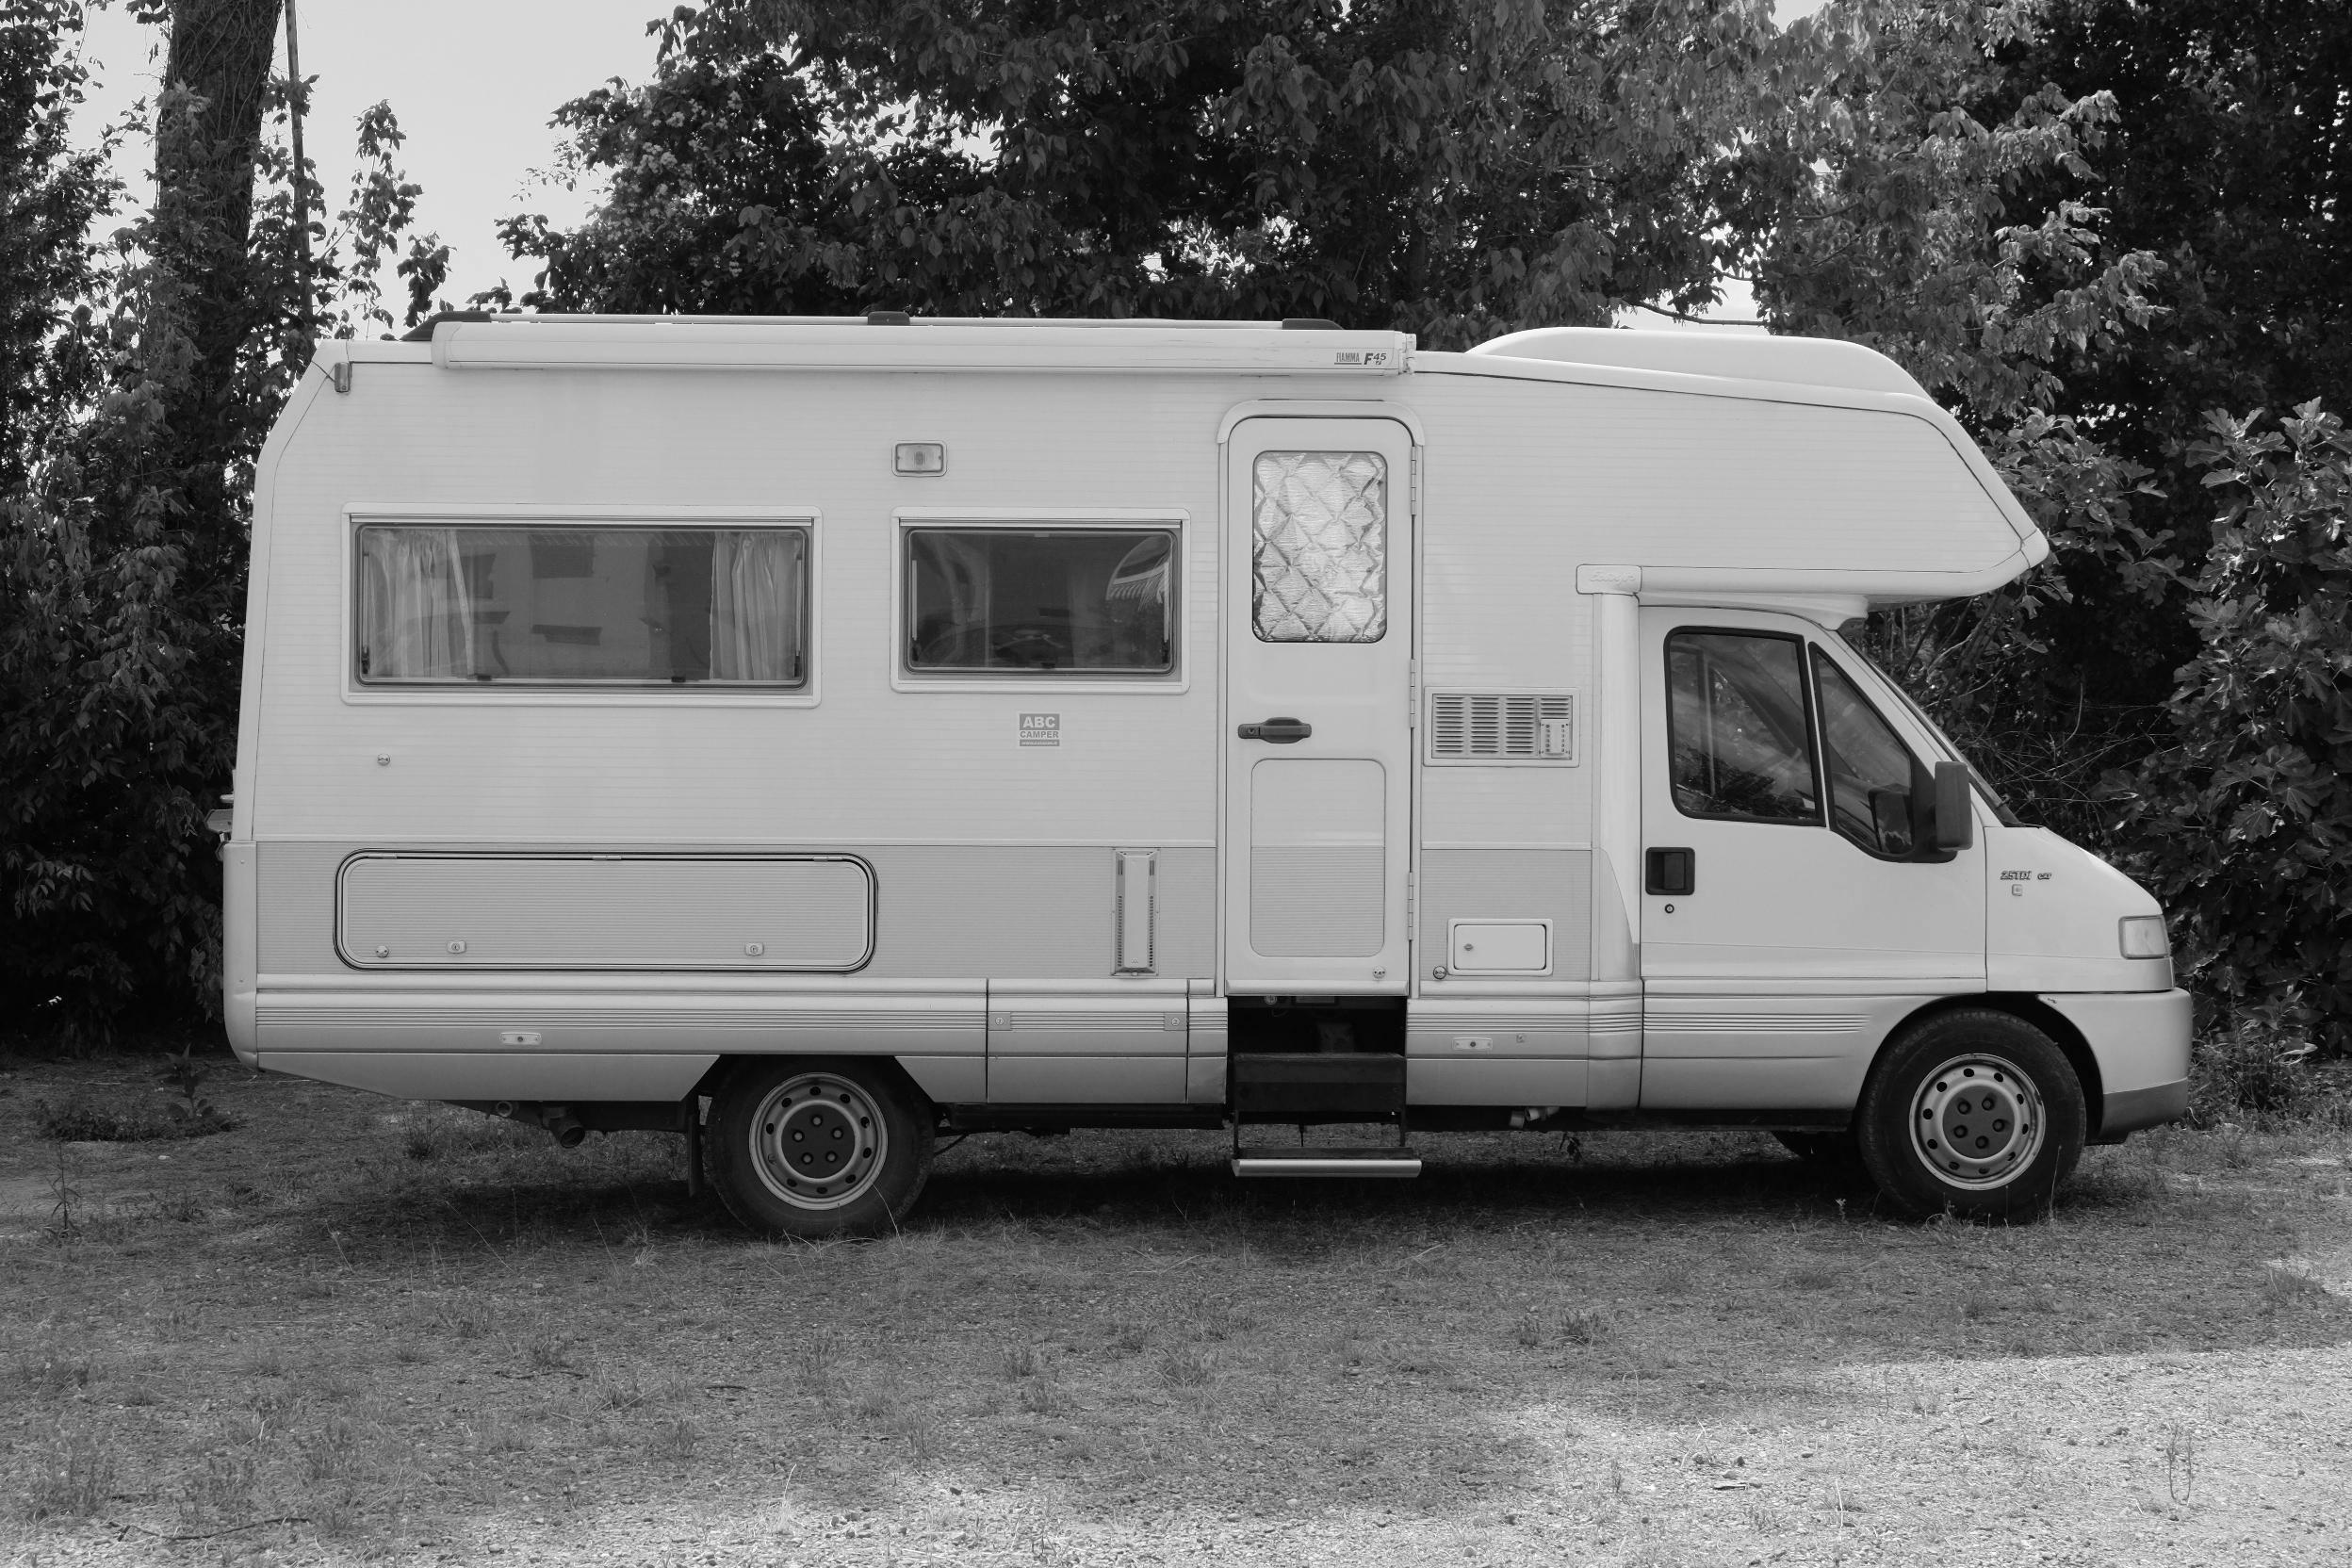 Laika ecovip 3 autocaravan usato in perfette condizioni a for Laika camper